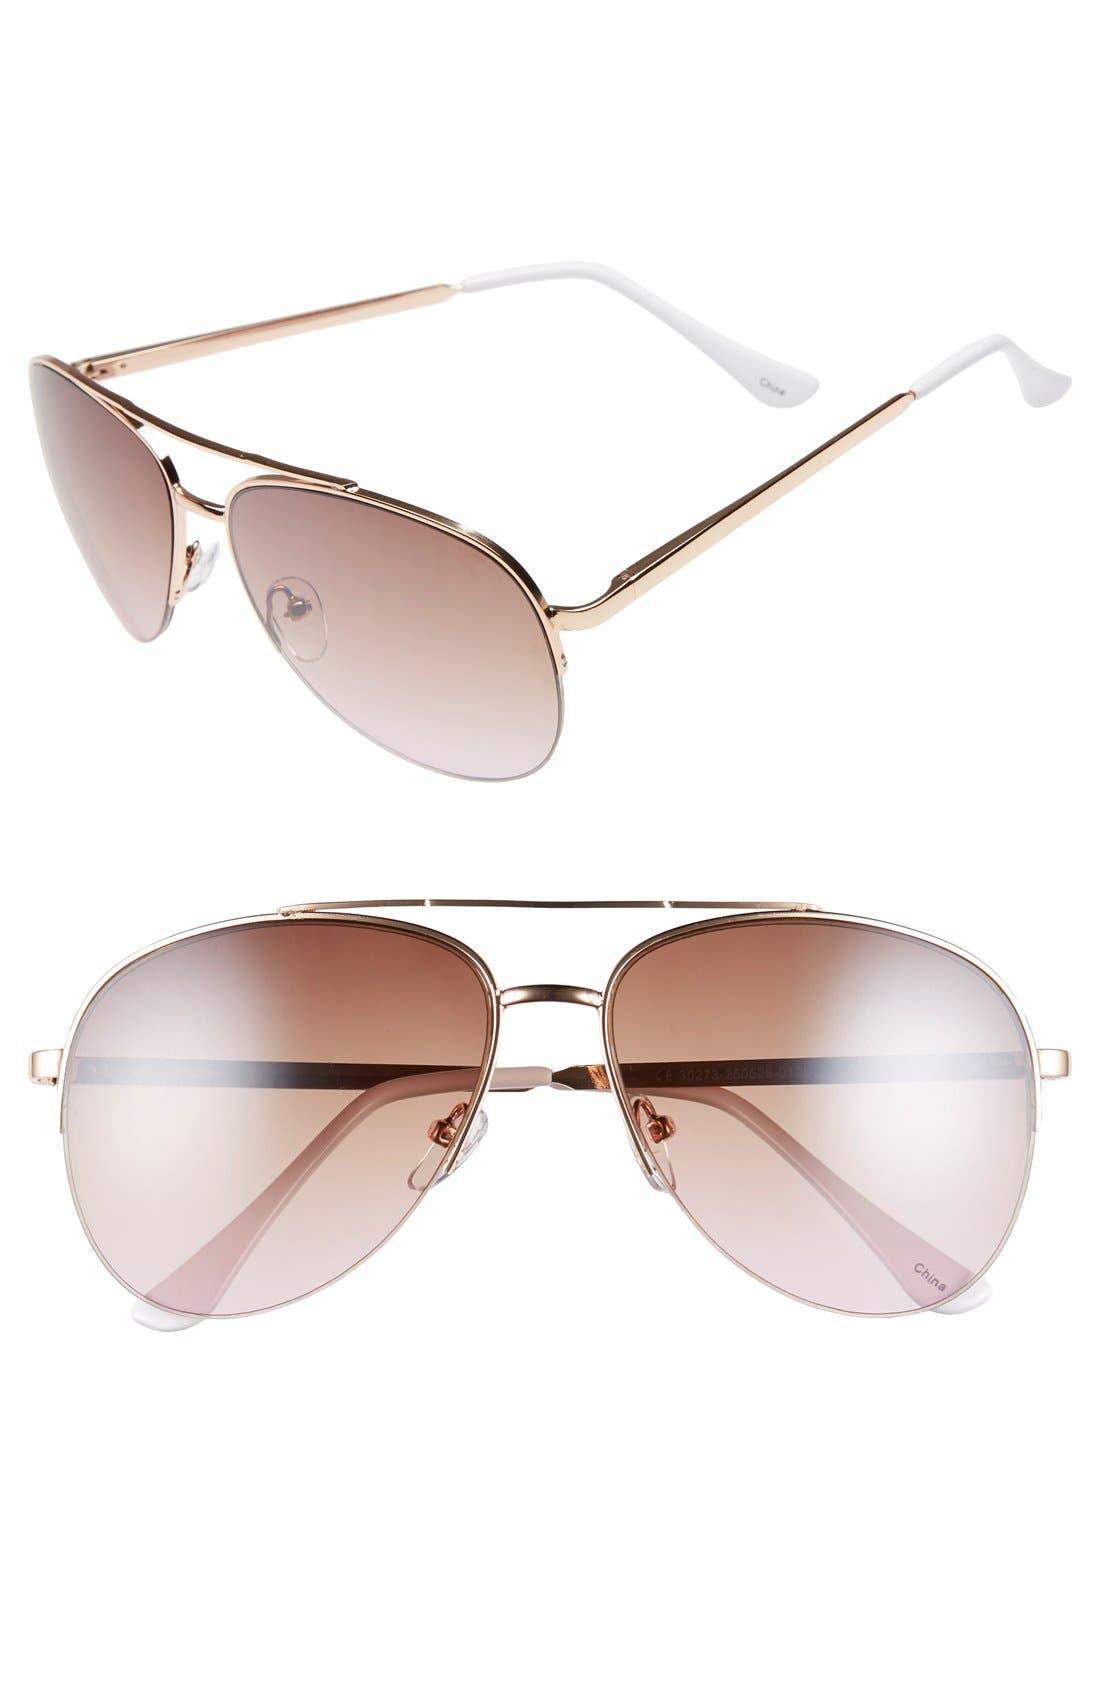 Alternate Image 1 Selected - BP. 60mm Gradient Metal Aviator Sunglasses